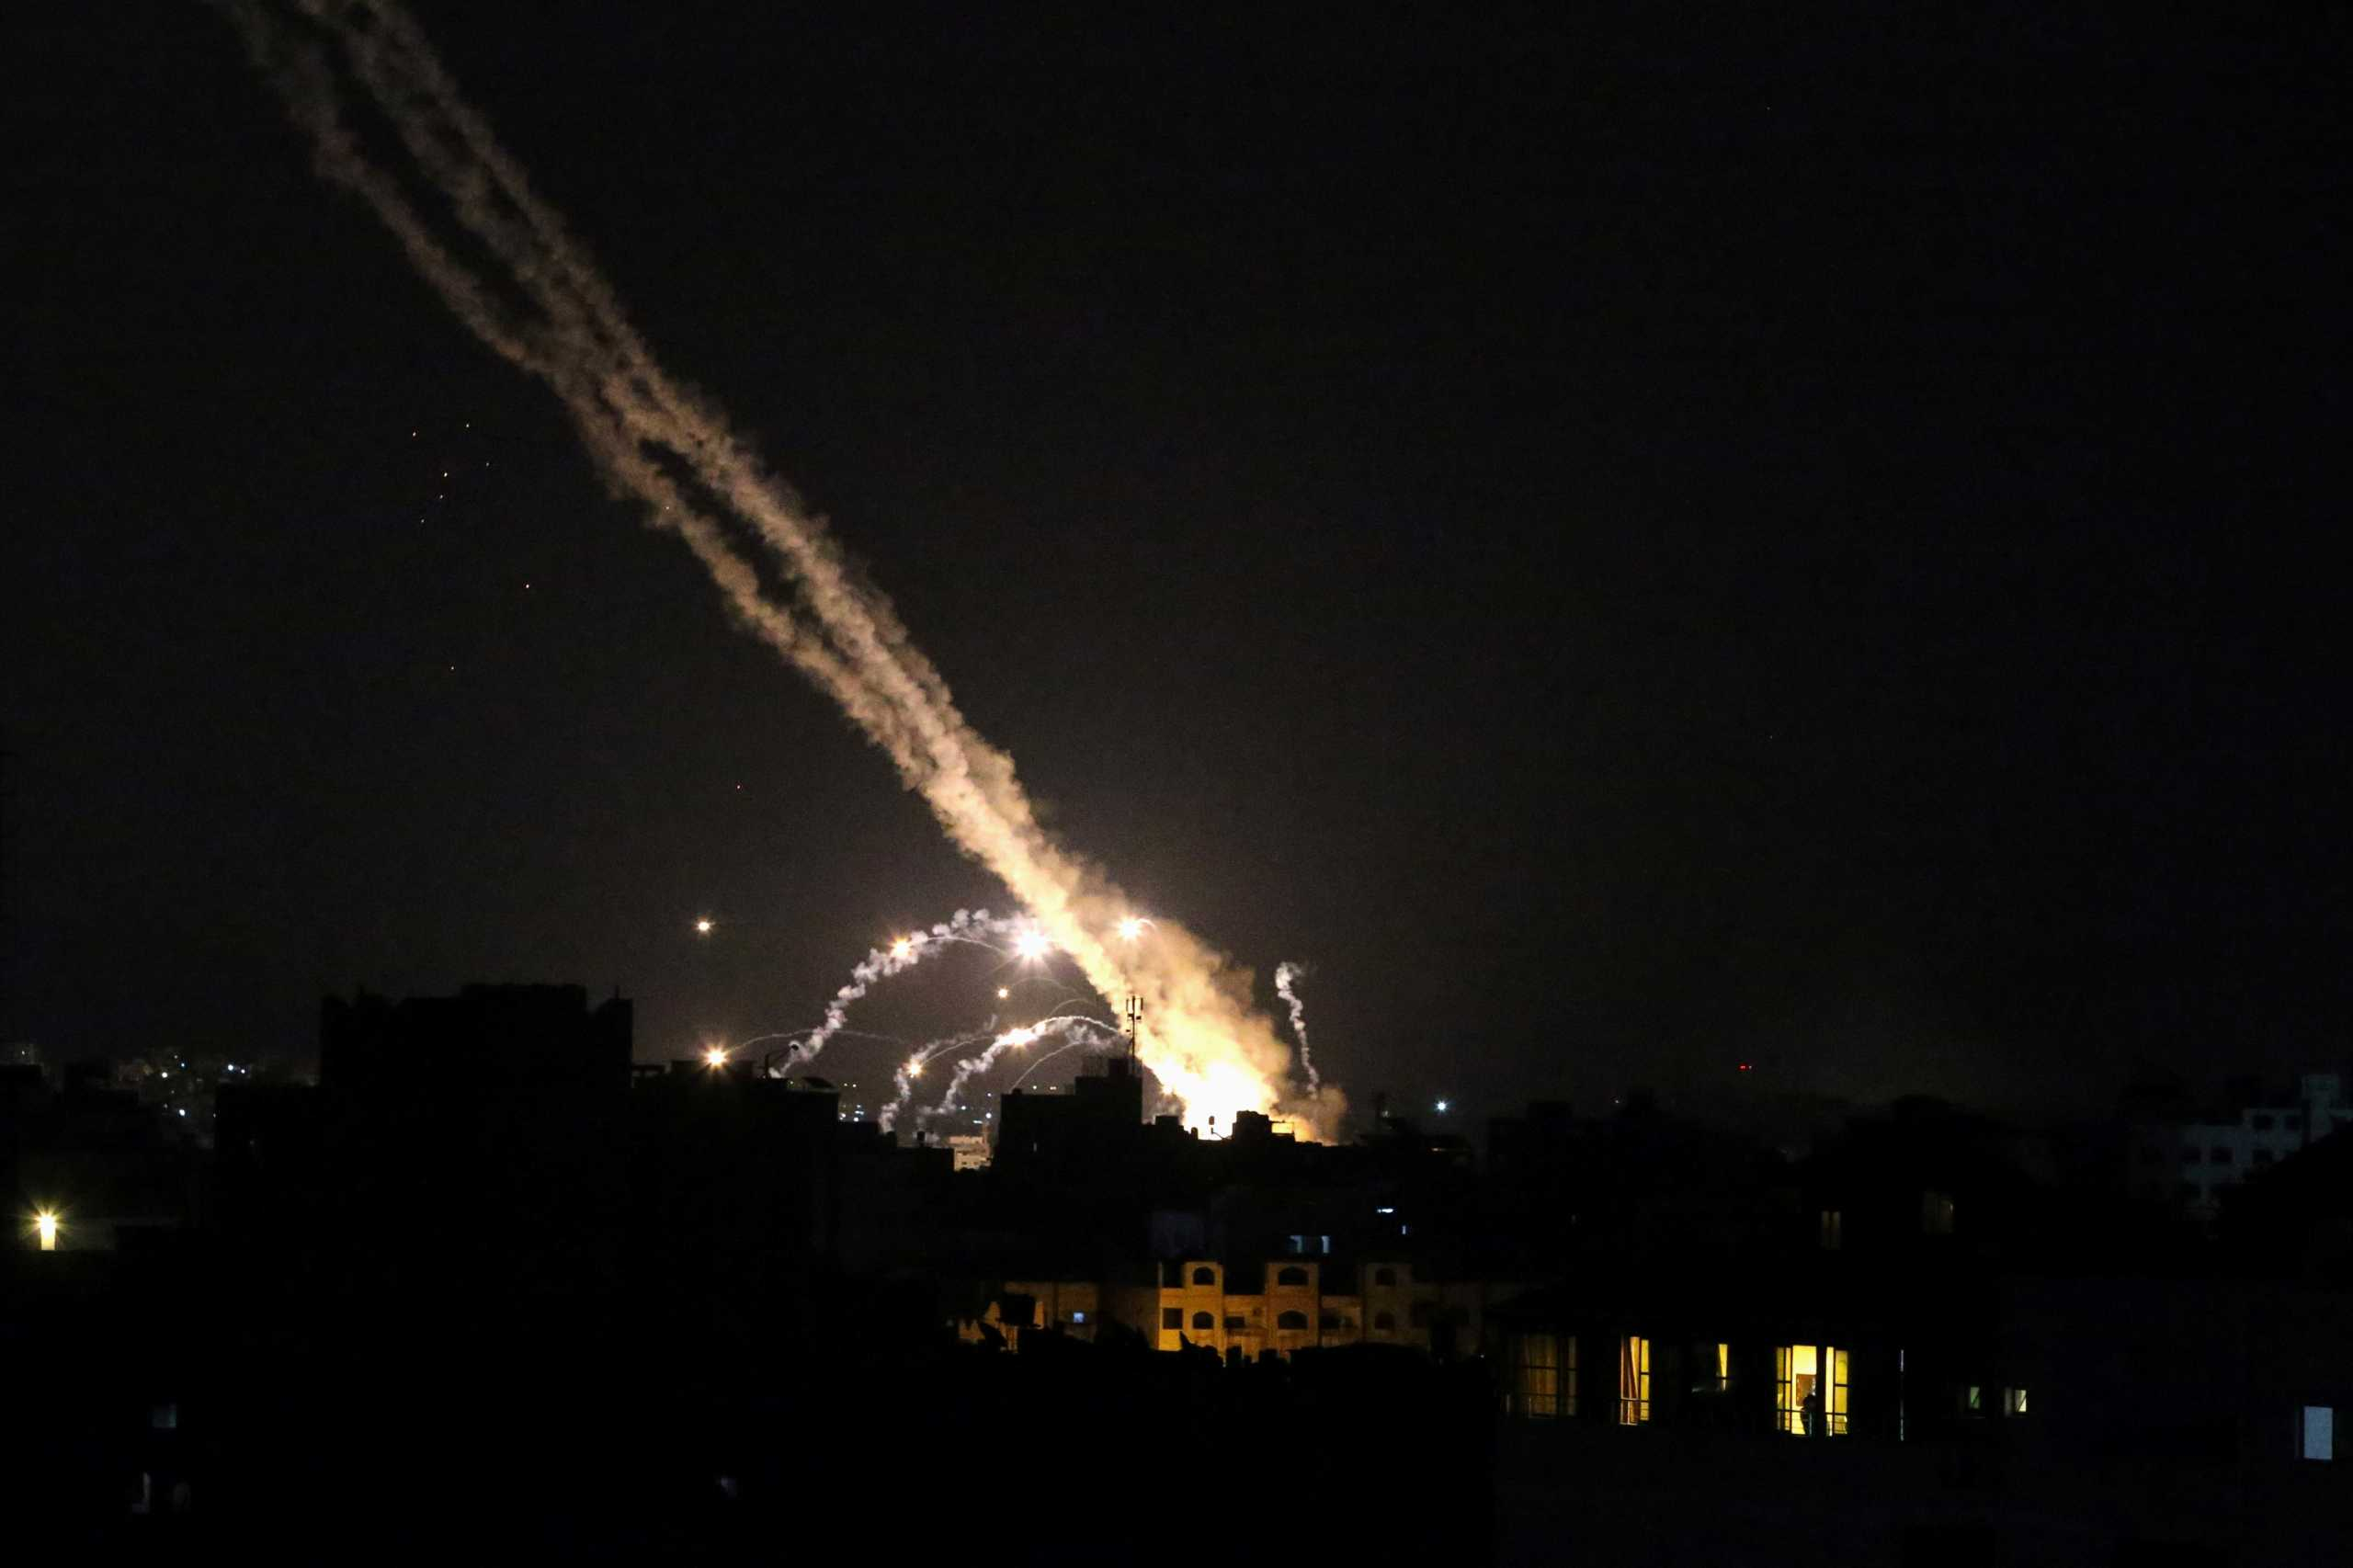 Πόλεμος νεύρων από το Ισραήλ στη Γάζα: Ανακοίνωσαν χερσαία εισβολή και μετά τη διέψευσαν!